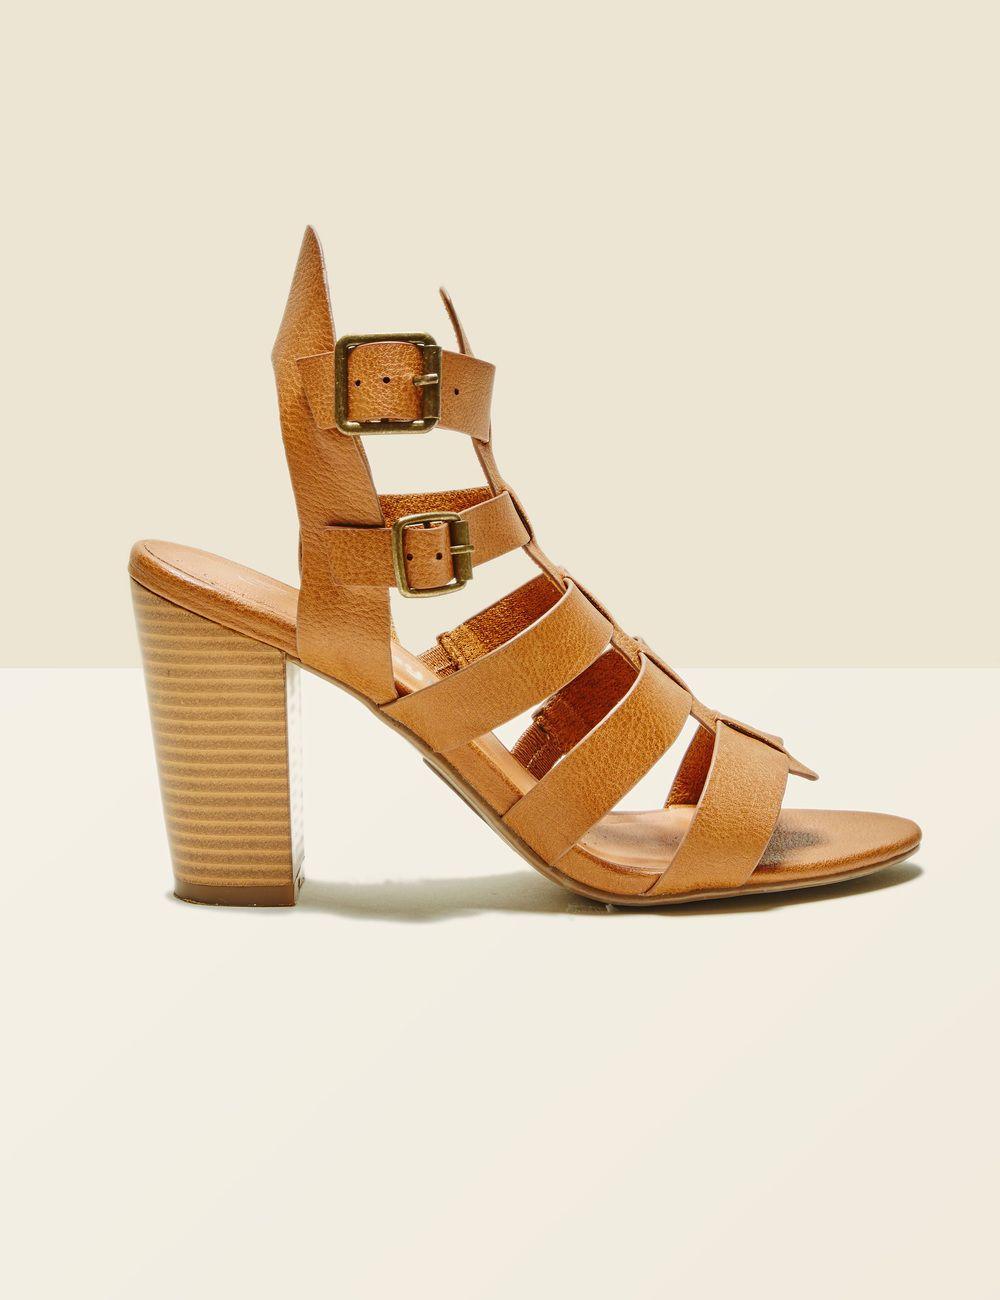 Retrouvez tout la collection Jennyfer Robe ✓Chemise ✓ Top ✓ Veste en jean✓  Maillot de bain ✓Combishort ✓ Jean ✓Bodies ✓. Chaussure Sandale